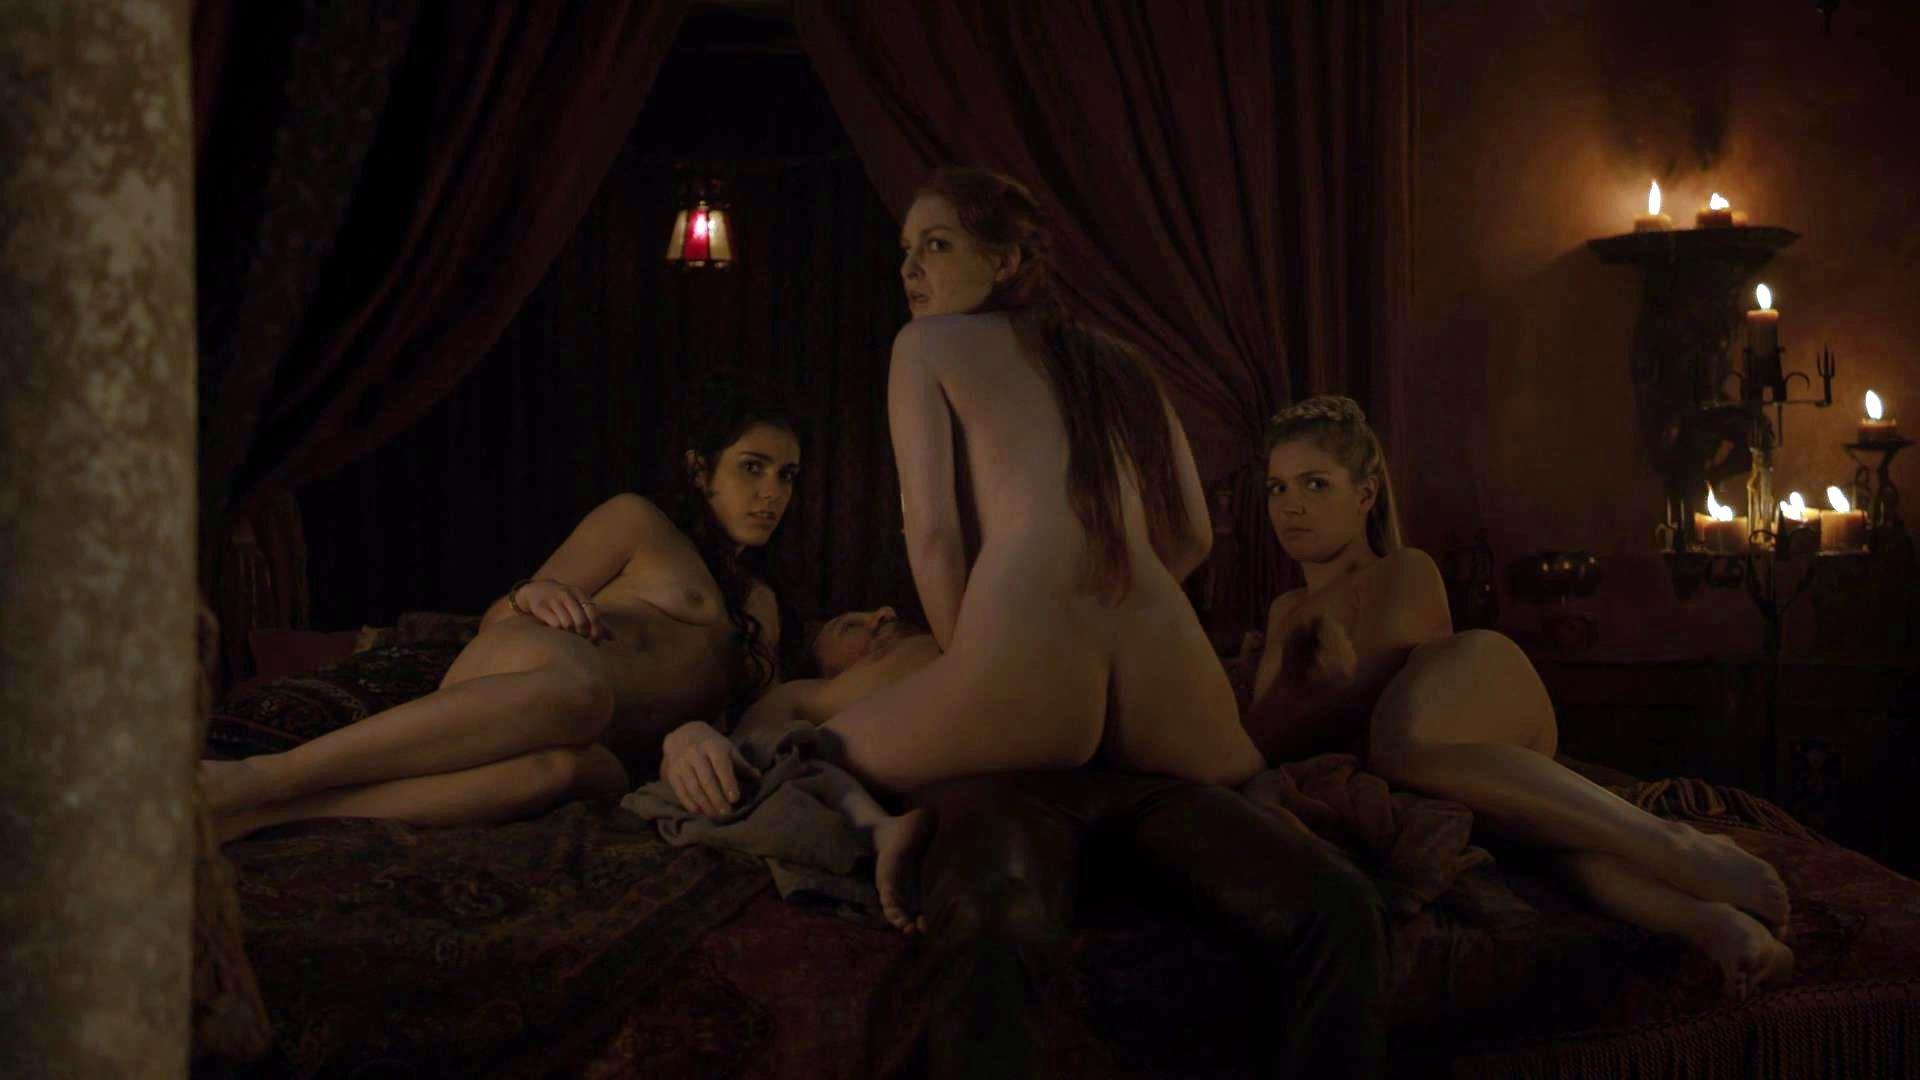 Josephine gillan nude